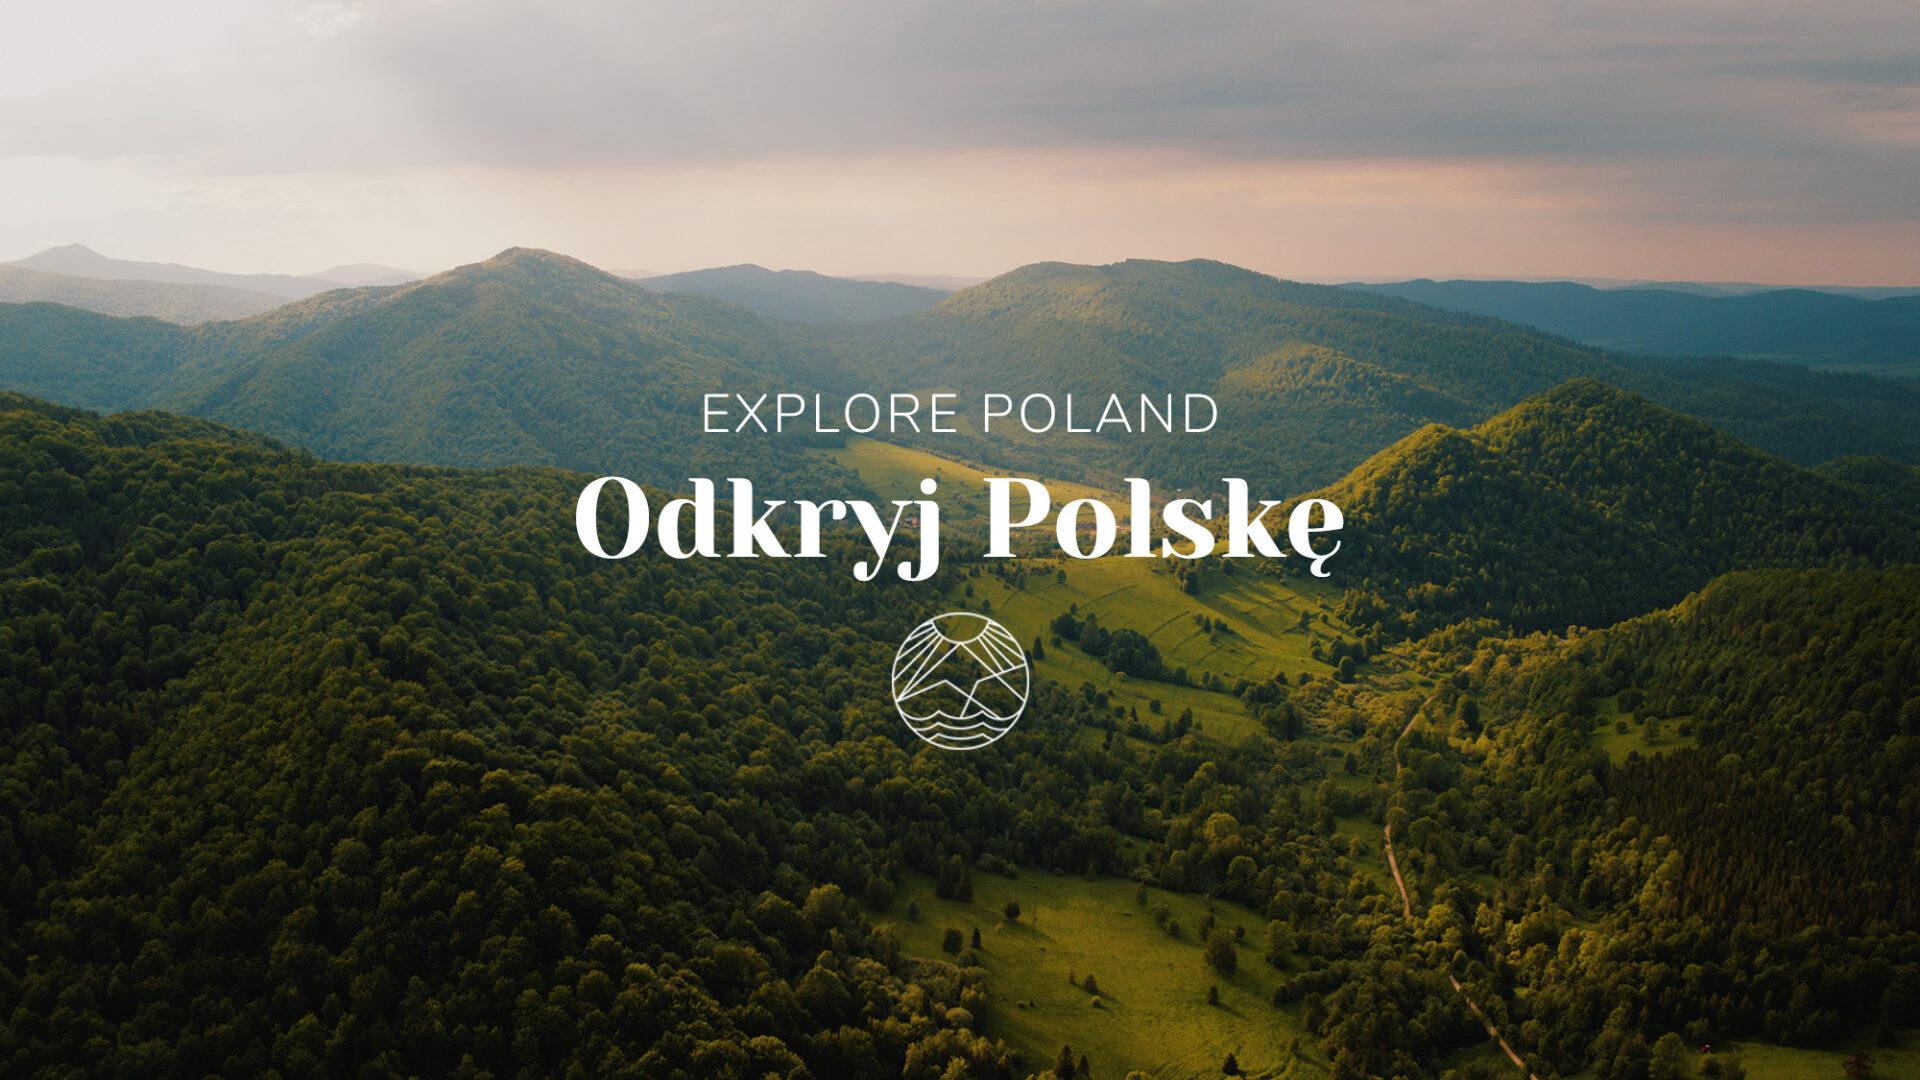 Explore Poland / Odkryj Polskę 8